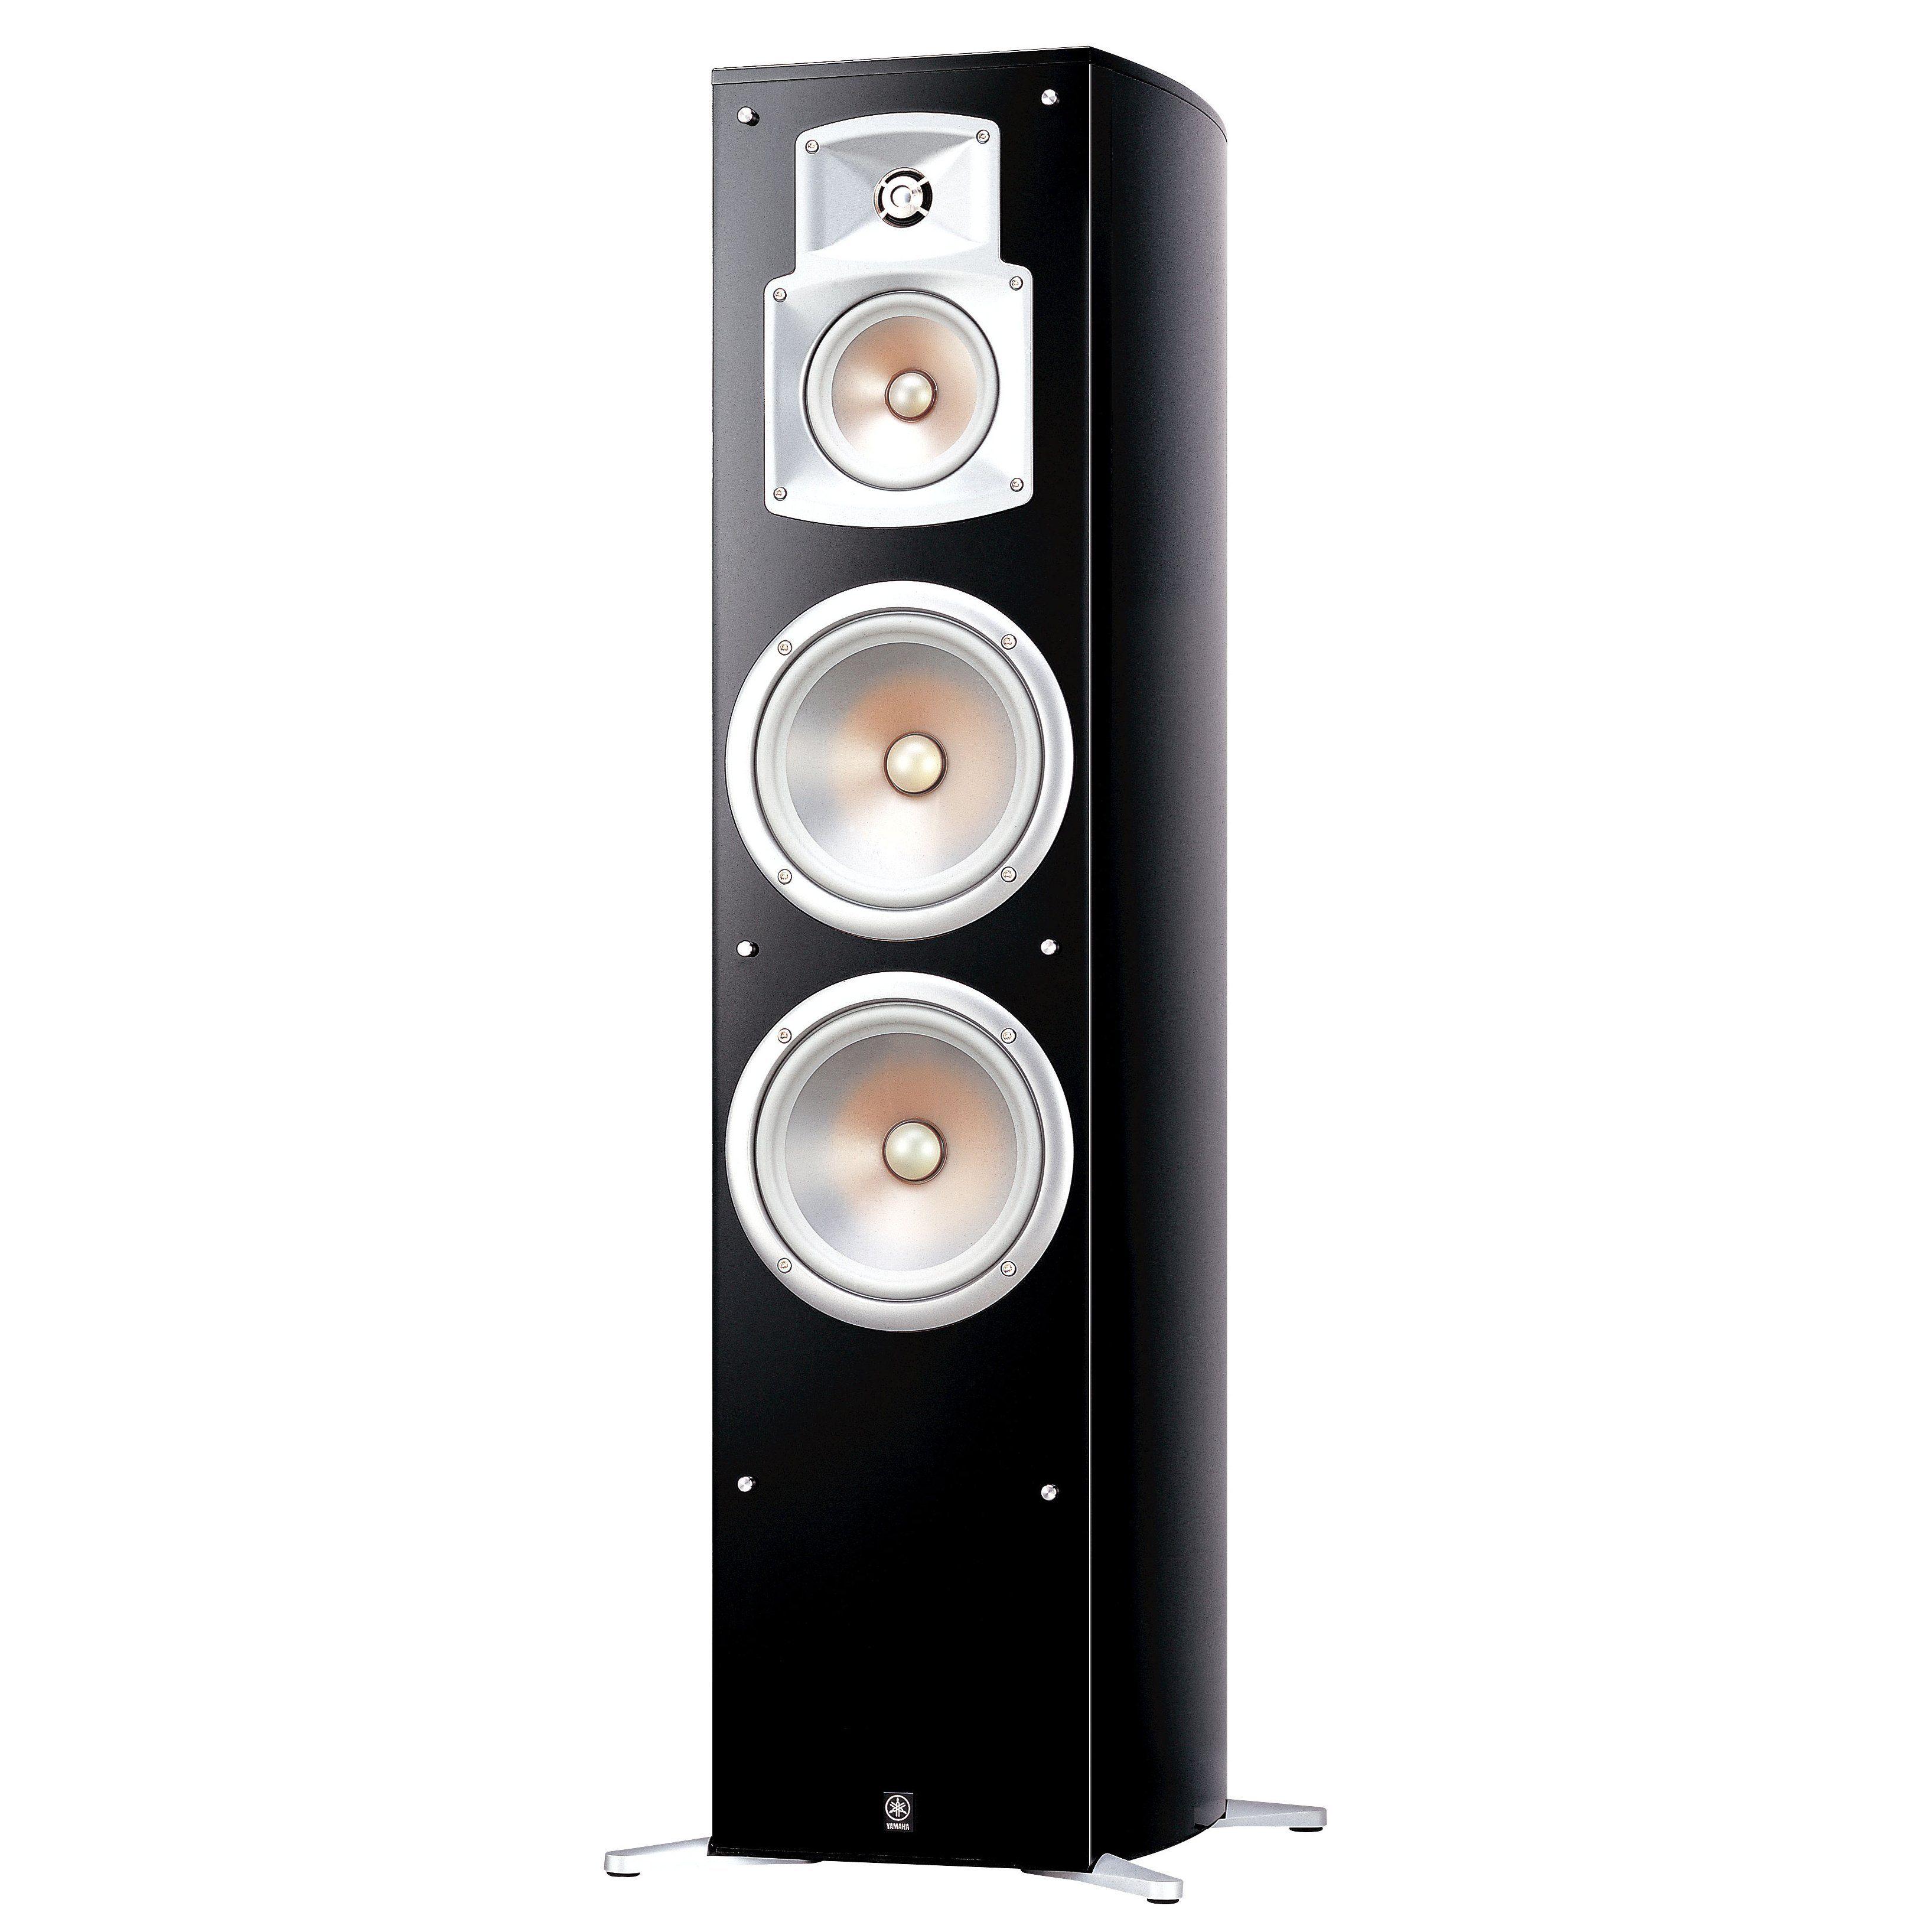 Tower speakers speaker stands bookshelf system yamaha floor also ns floorstanding home theater in rh pinterest